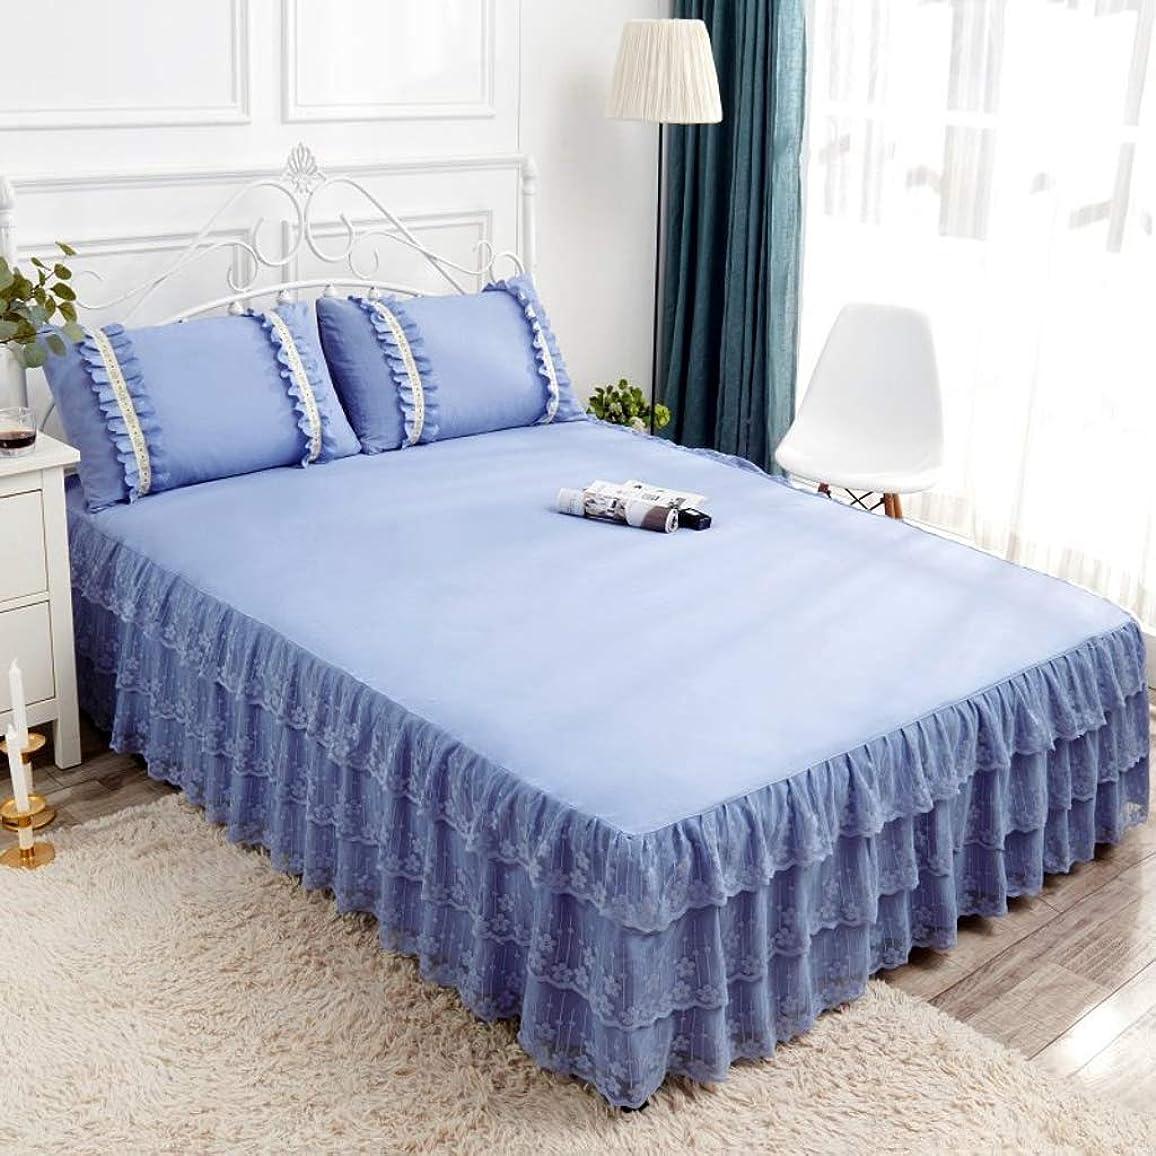 プラスチックかご訴えるほこり フリル ベッド スカート ラップ まわり レース ベッド ラッフル あり プラットフォーム 落とす 綿 フローラル-ブルー-150×200センチメートル(59×79インチ)